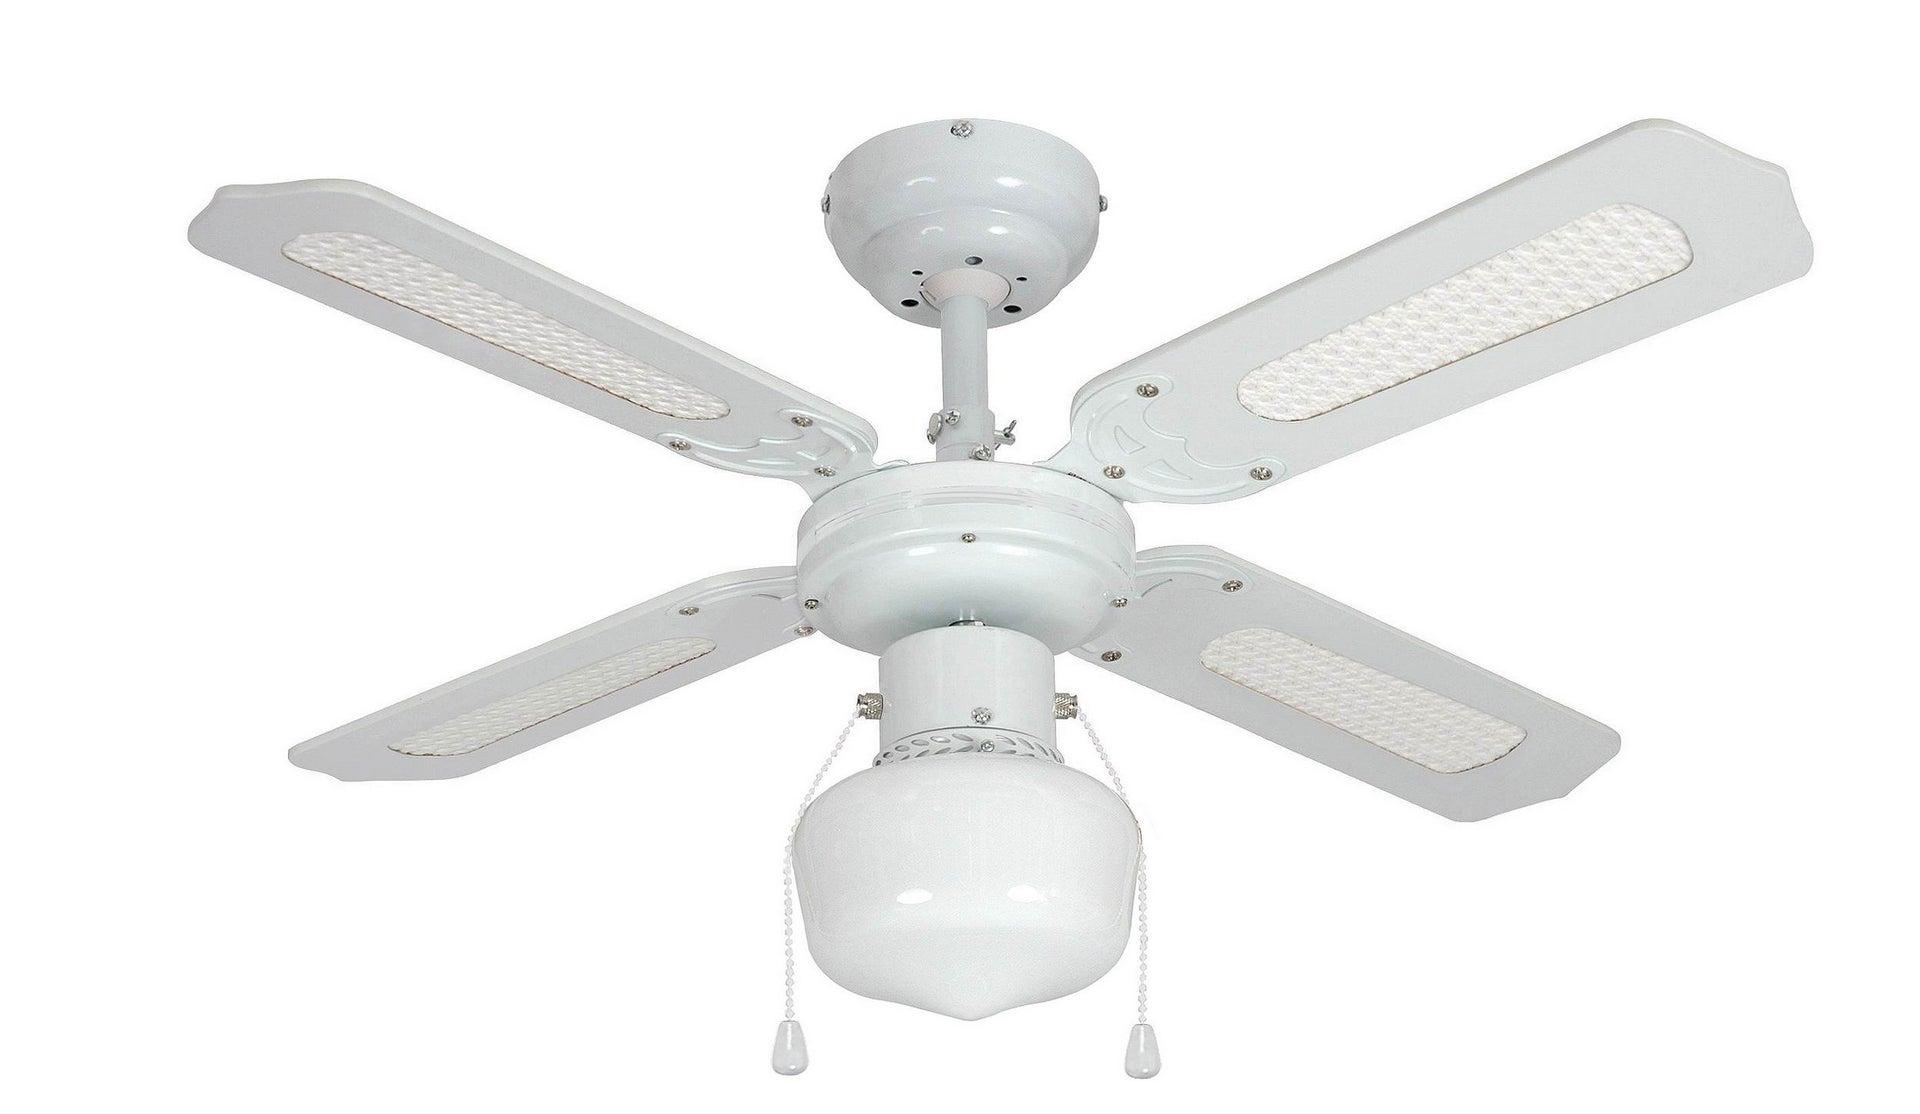 Ventilateur De Plafond Barbade Inspire Blanc Canne 60 W Leroy Merlin